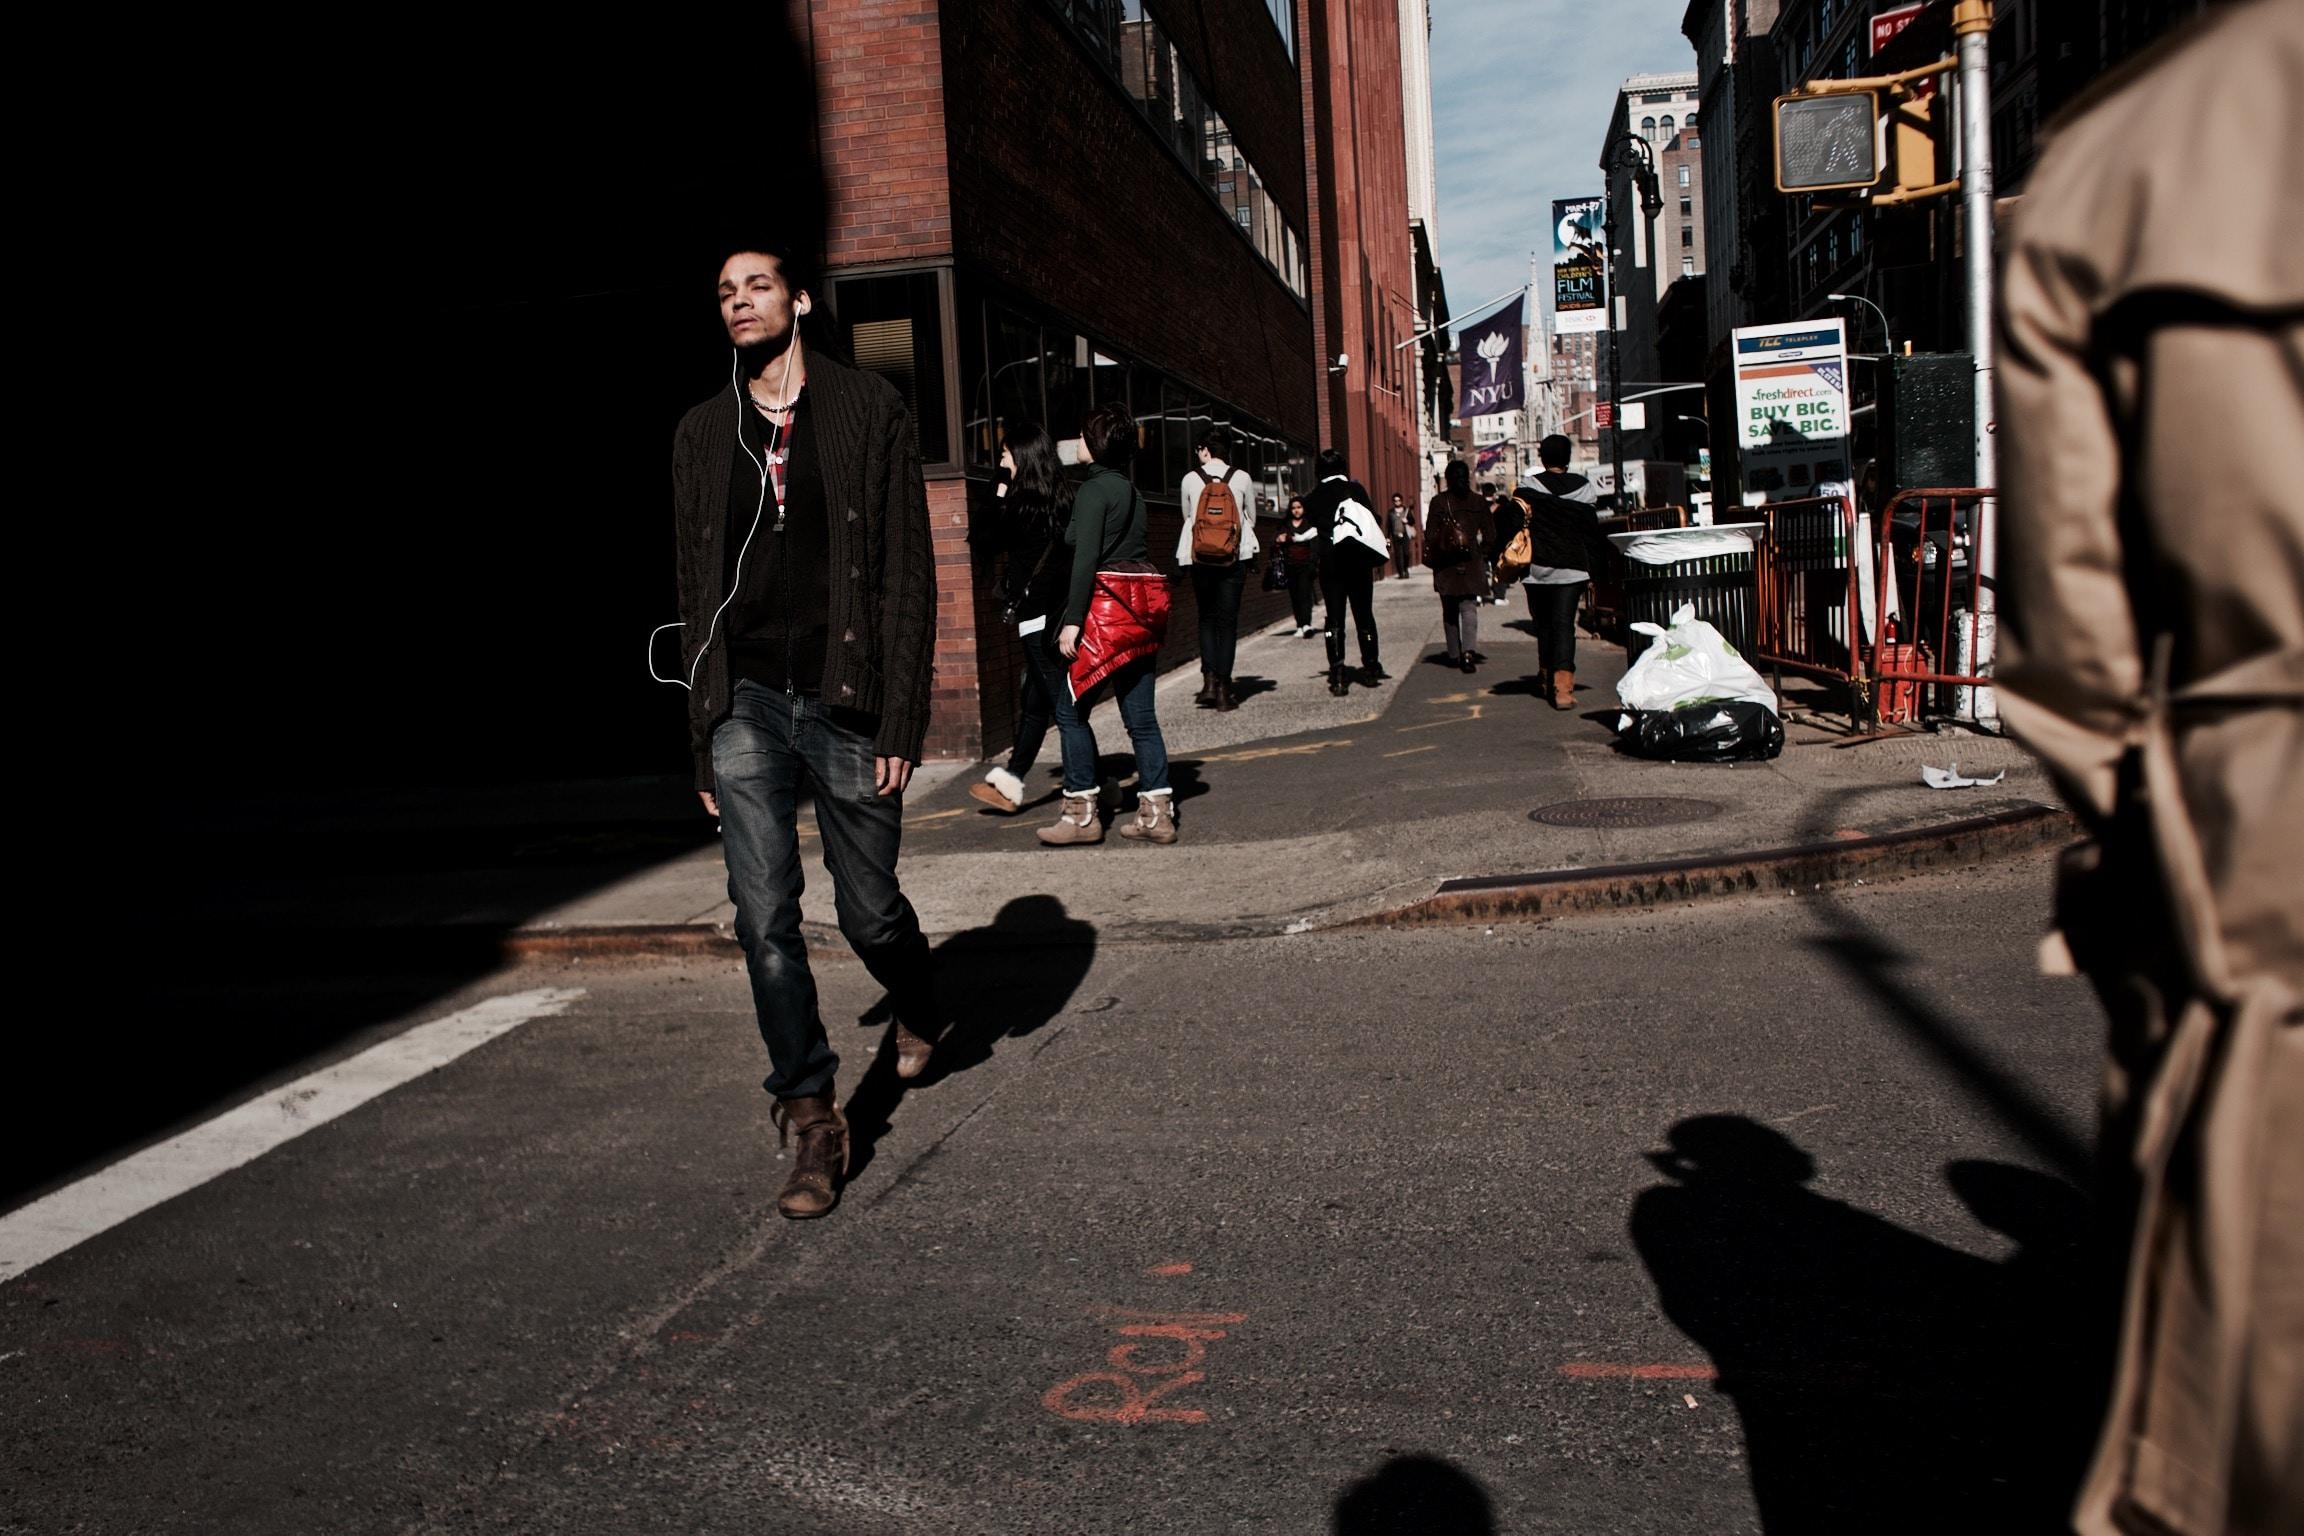 man walking on road using earbuds